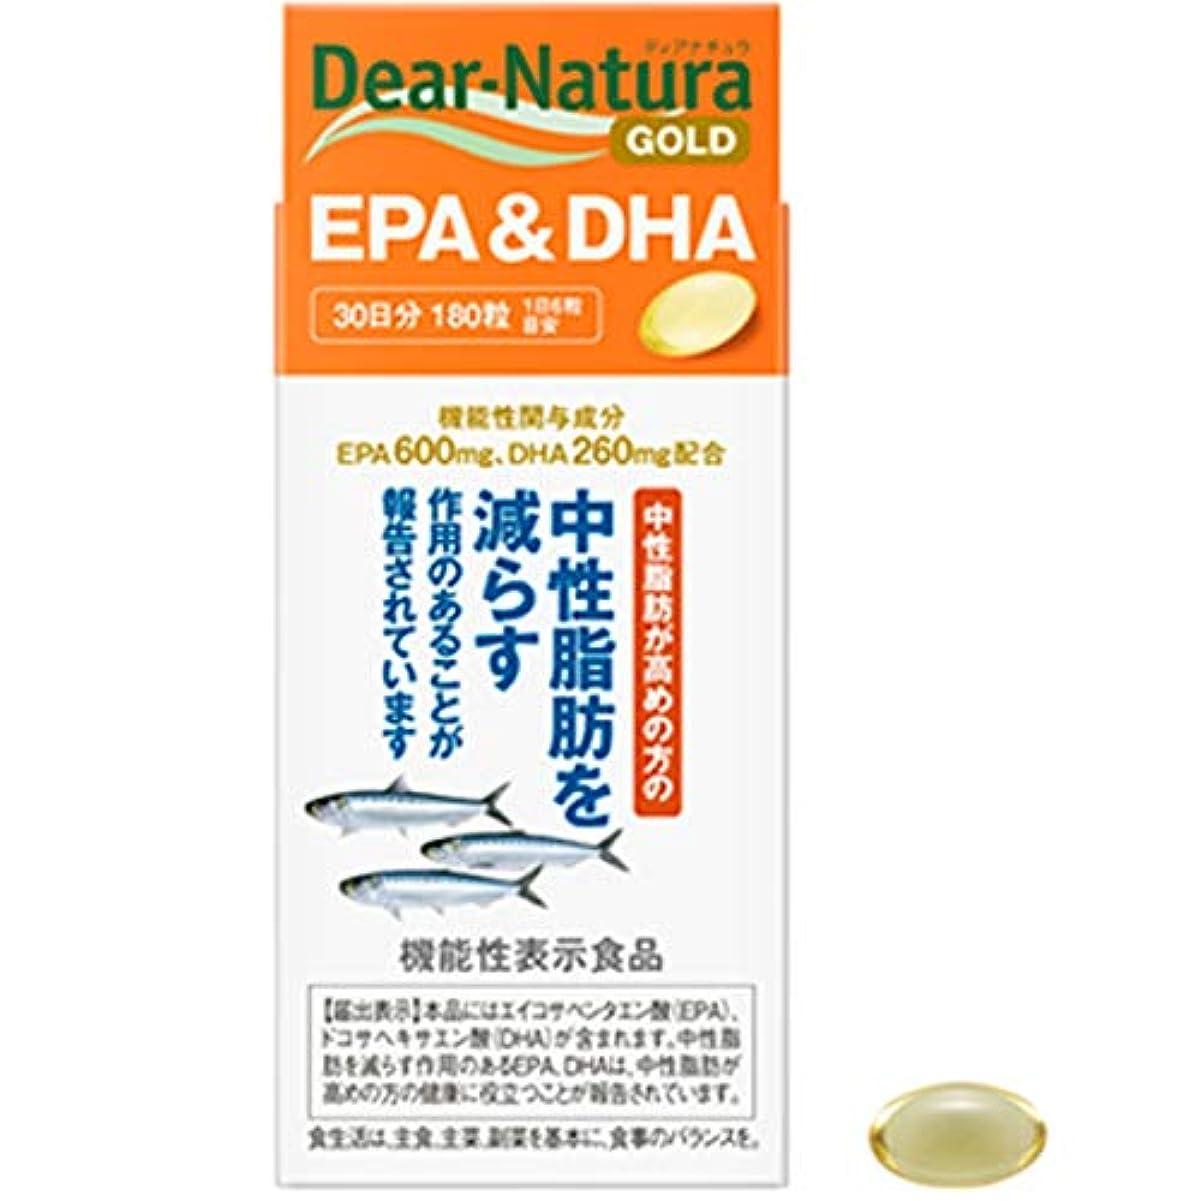 火山学再び電子レンジディアナチュラゴールド EPA&DHA 30日分 180粒入×5個セット